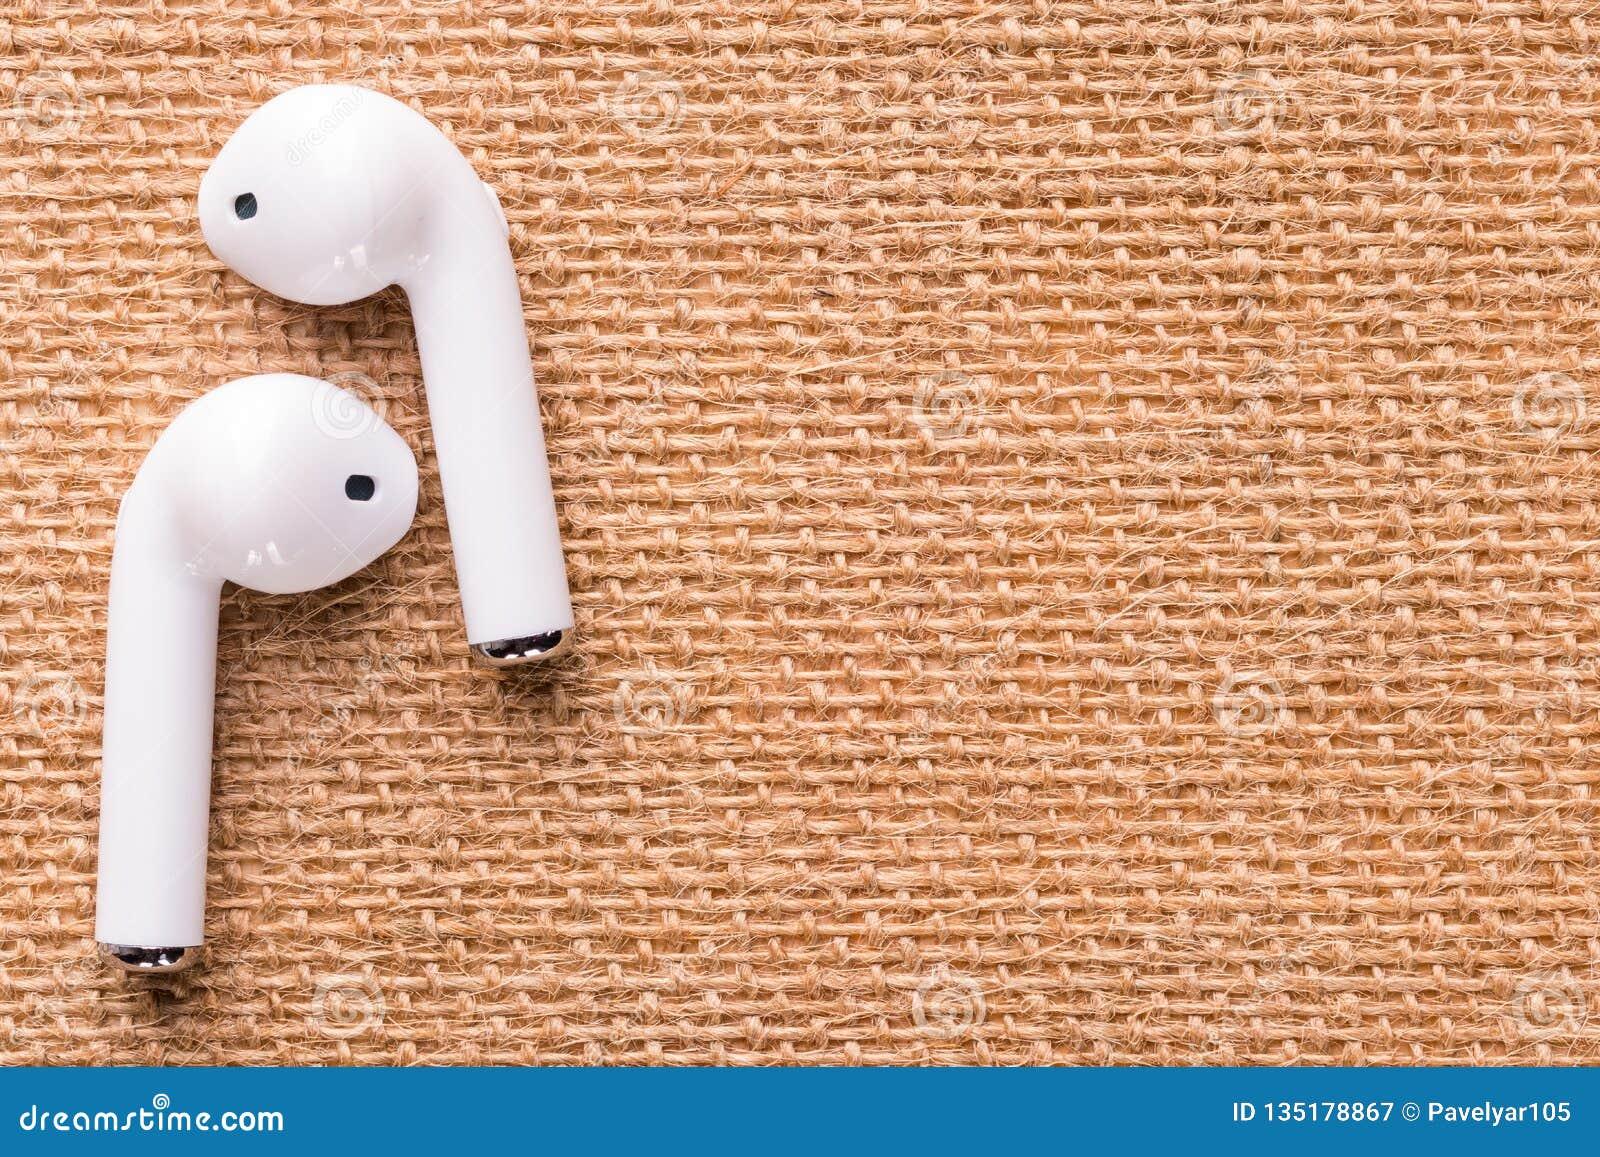 Άσπρα ασύρματα ακουστικά σε μια όμορφη ψάθινη πετσέτα